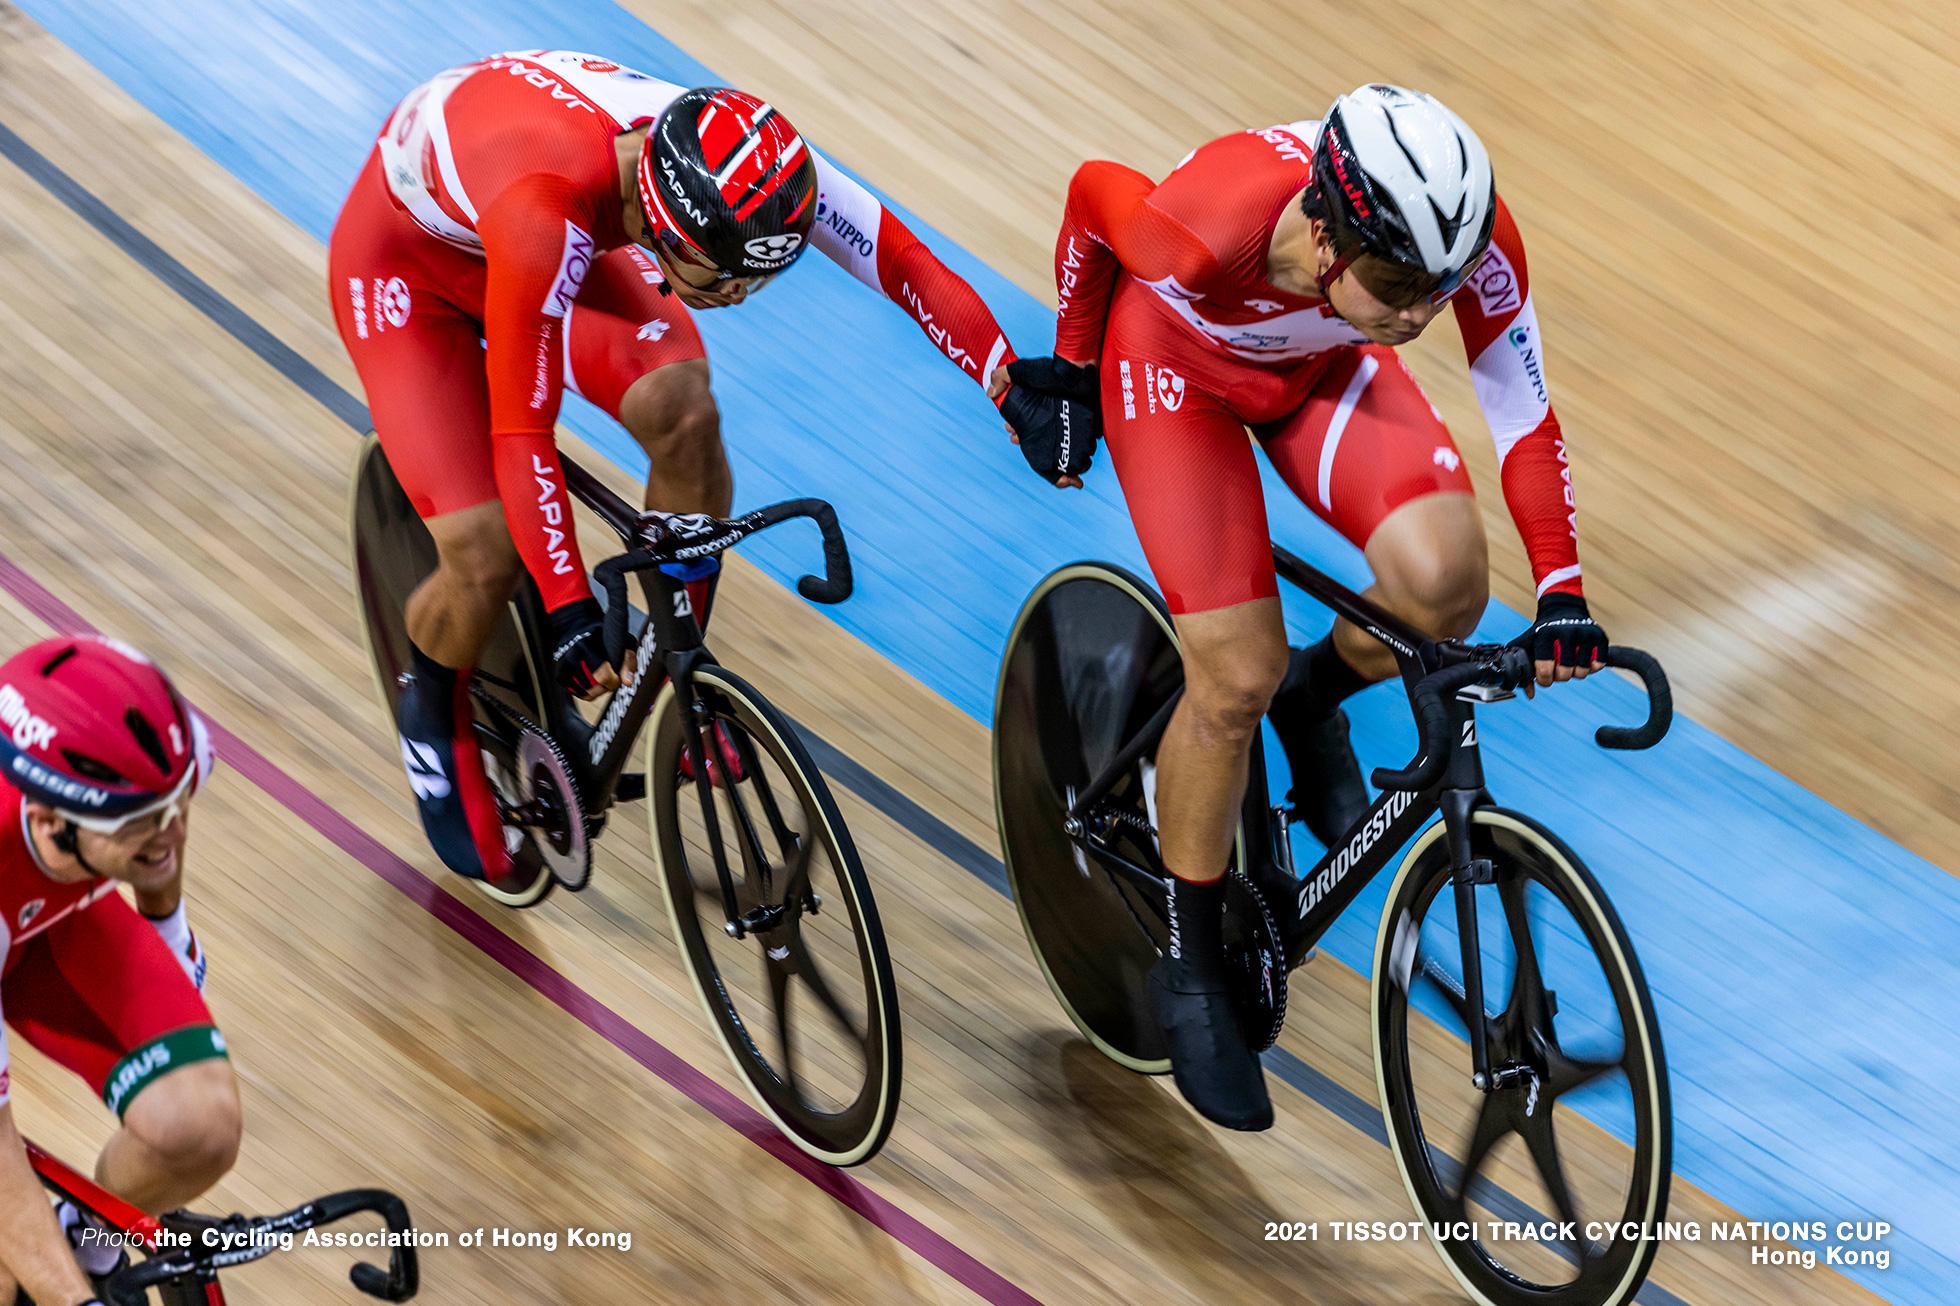 橋本英也/Eiya Hashimoto & 今村駿介/Shunsuke ImamuraMen's Madison, TISSOT UCI TRACK CYCLING NATIONS CUP - HONG KONG